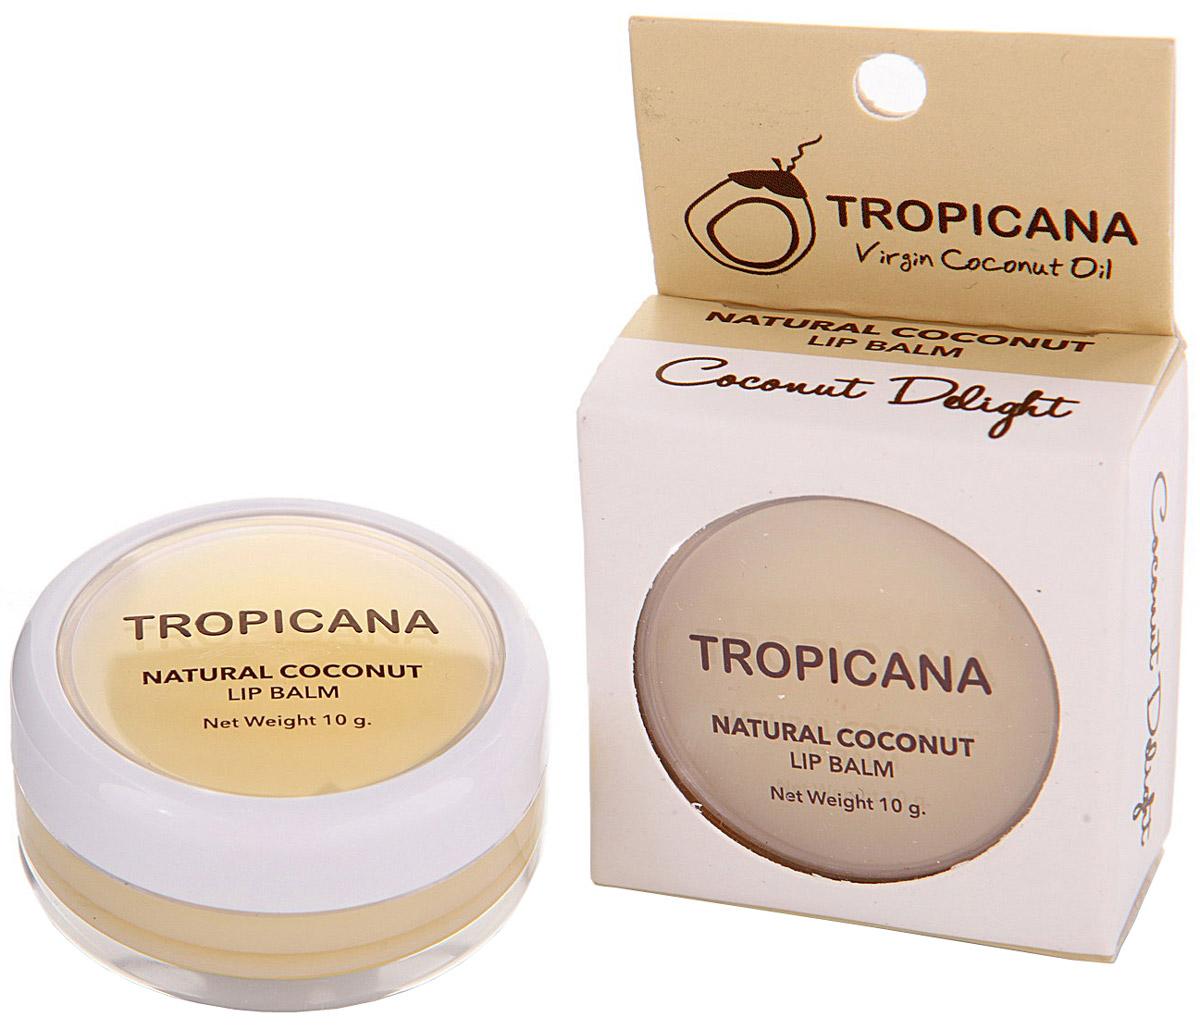 Бальзам для губ Кокосове наслаждение TropicanaA17061/06В основу бальзама входит натуральное кокосовое масло холодного отжима, обладающее увлажняющими и питательными свойствами, масло какао и масло ши. Помогает коже губ оставаться увлажненными, снимает сухость, препятствует образованию микро-трещинок. Зрительно увеличивает губ. Спасает от ожогов на солнце, а также ухаживает и увлажняет в зимний период. С приятным ароматом кокоса. Не содержит в себе отдушек и химических добавок.